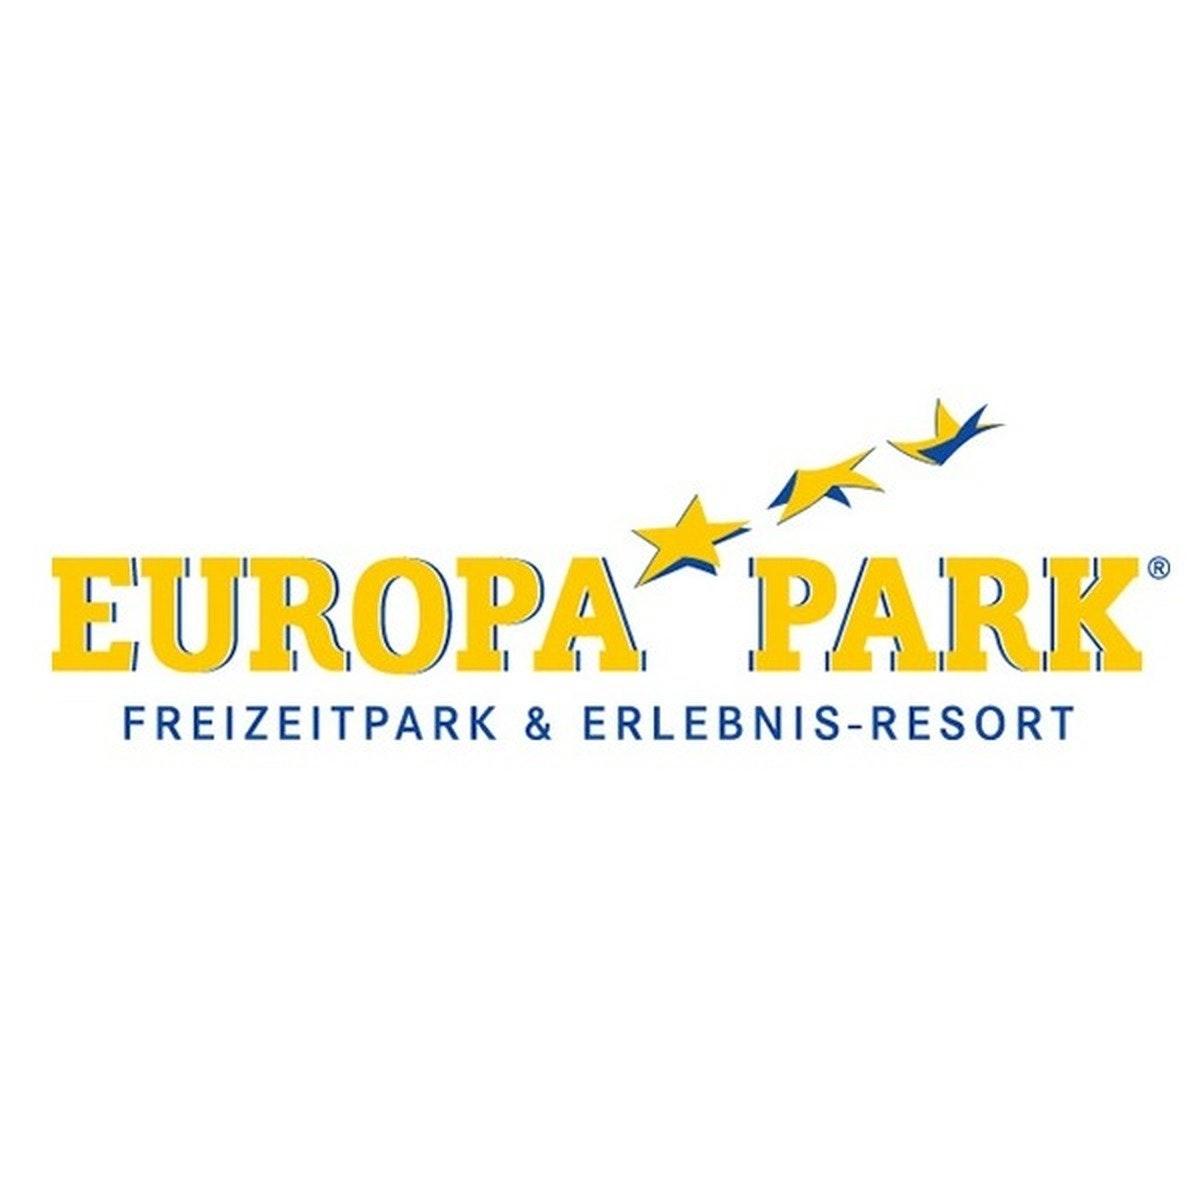 EUROPA-PARK Freizeit- und Familienpark Mack KG